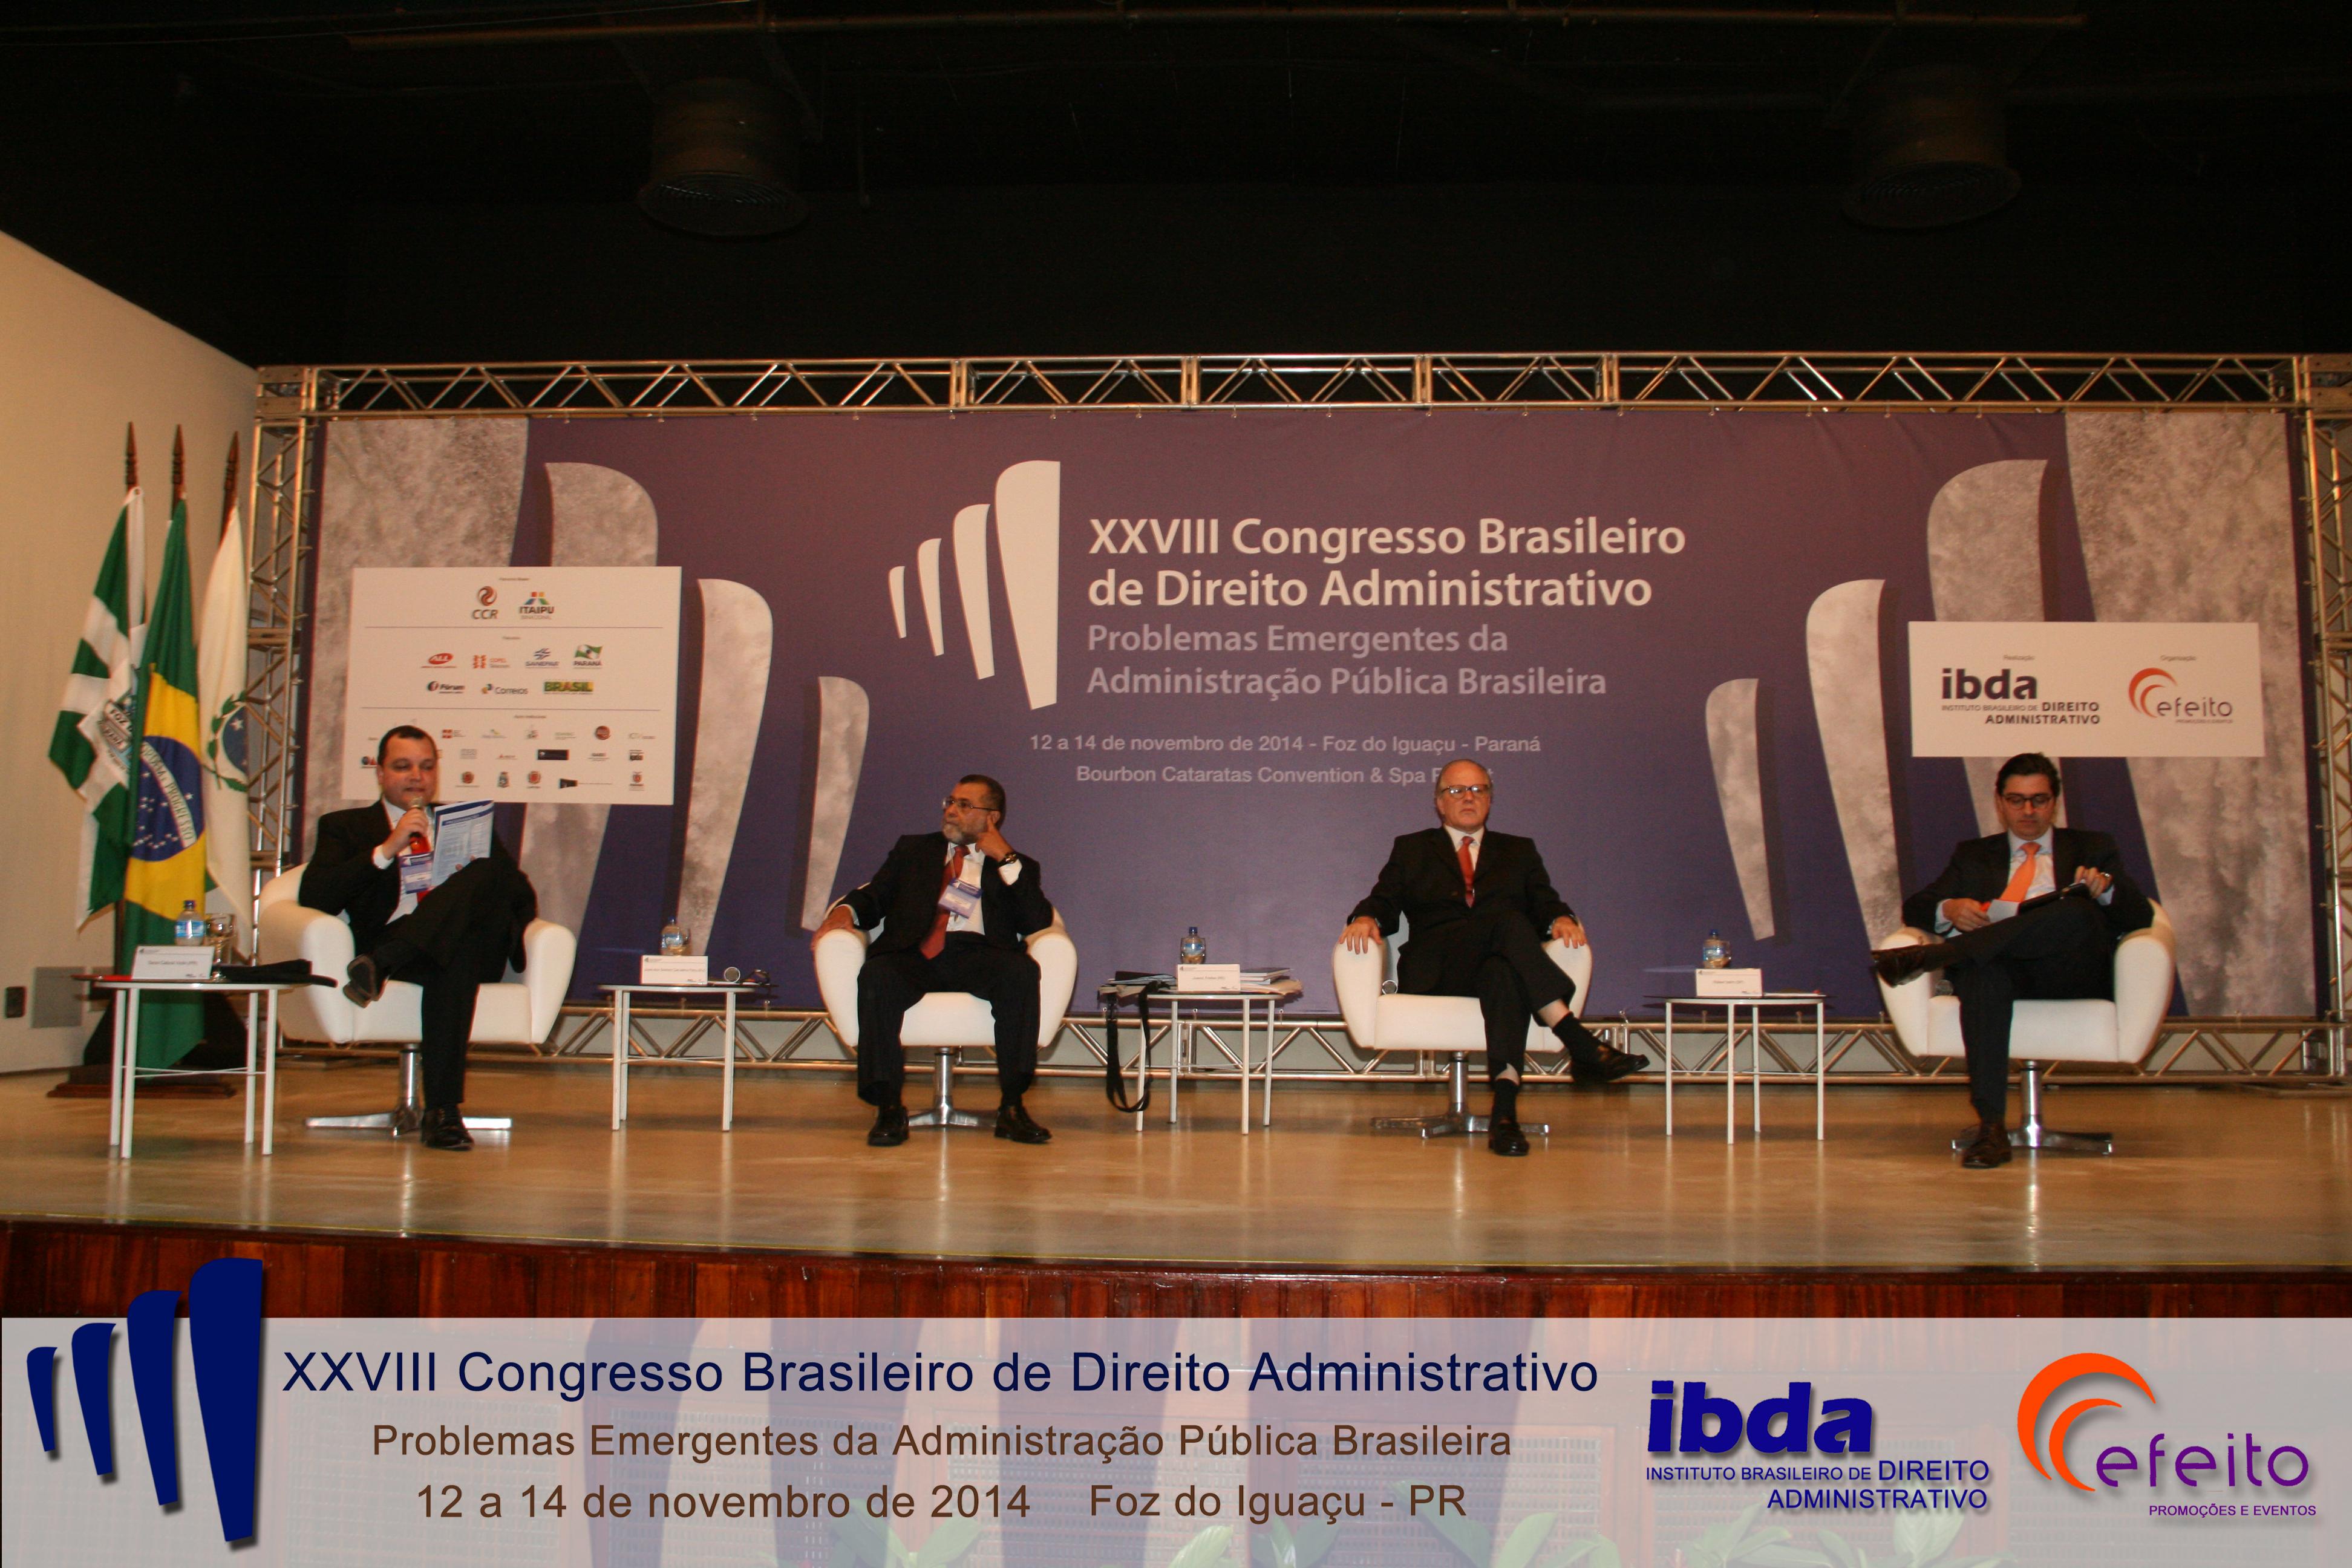 Tarso Cabral Violin (Universidade Positivo), José dos Santos Carvalho Filho (RJ), Juarez Freitas (UFRGS) e Daniel Valim (PUC-SP)